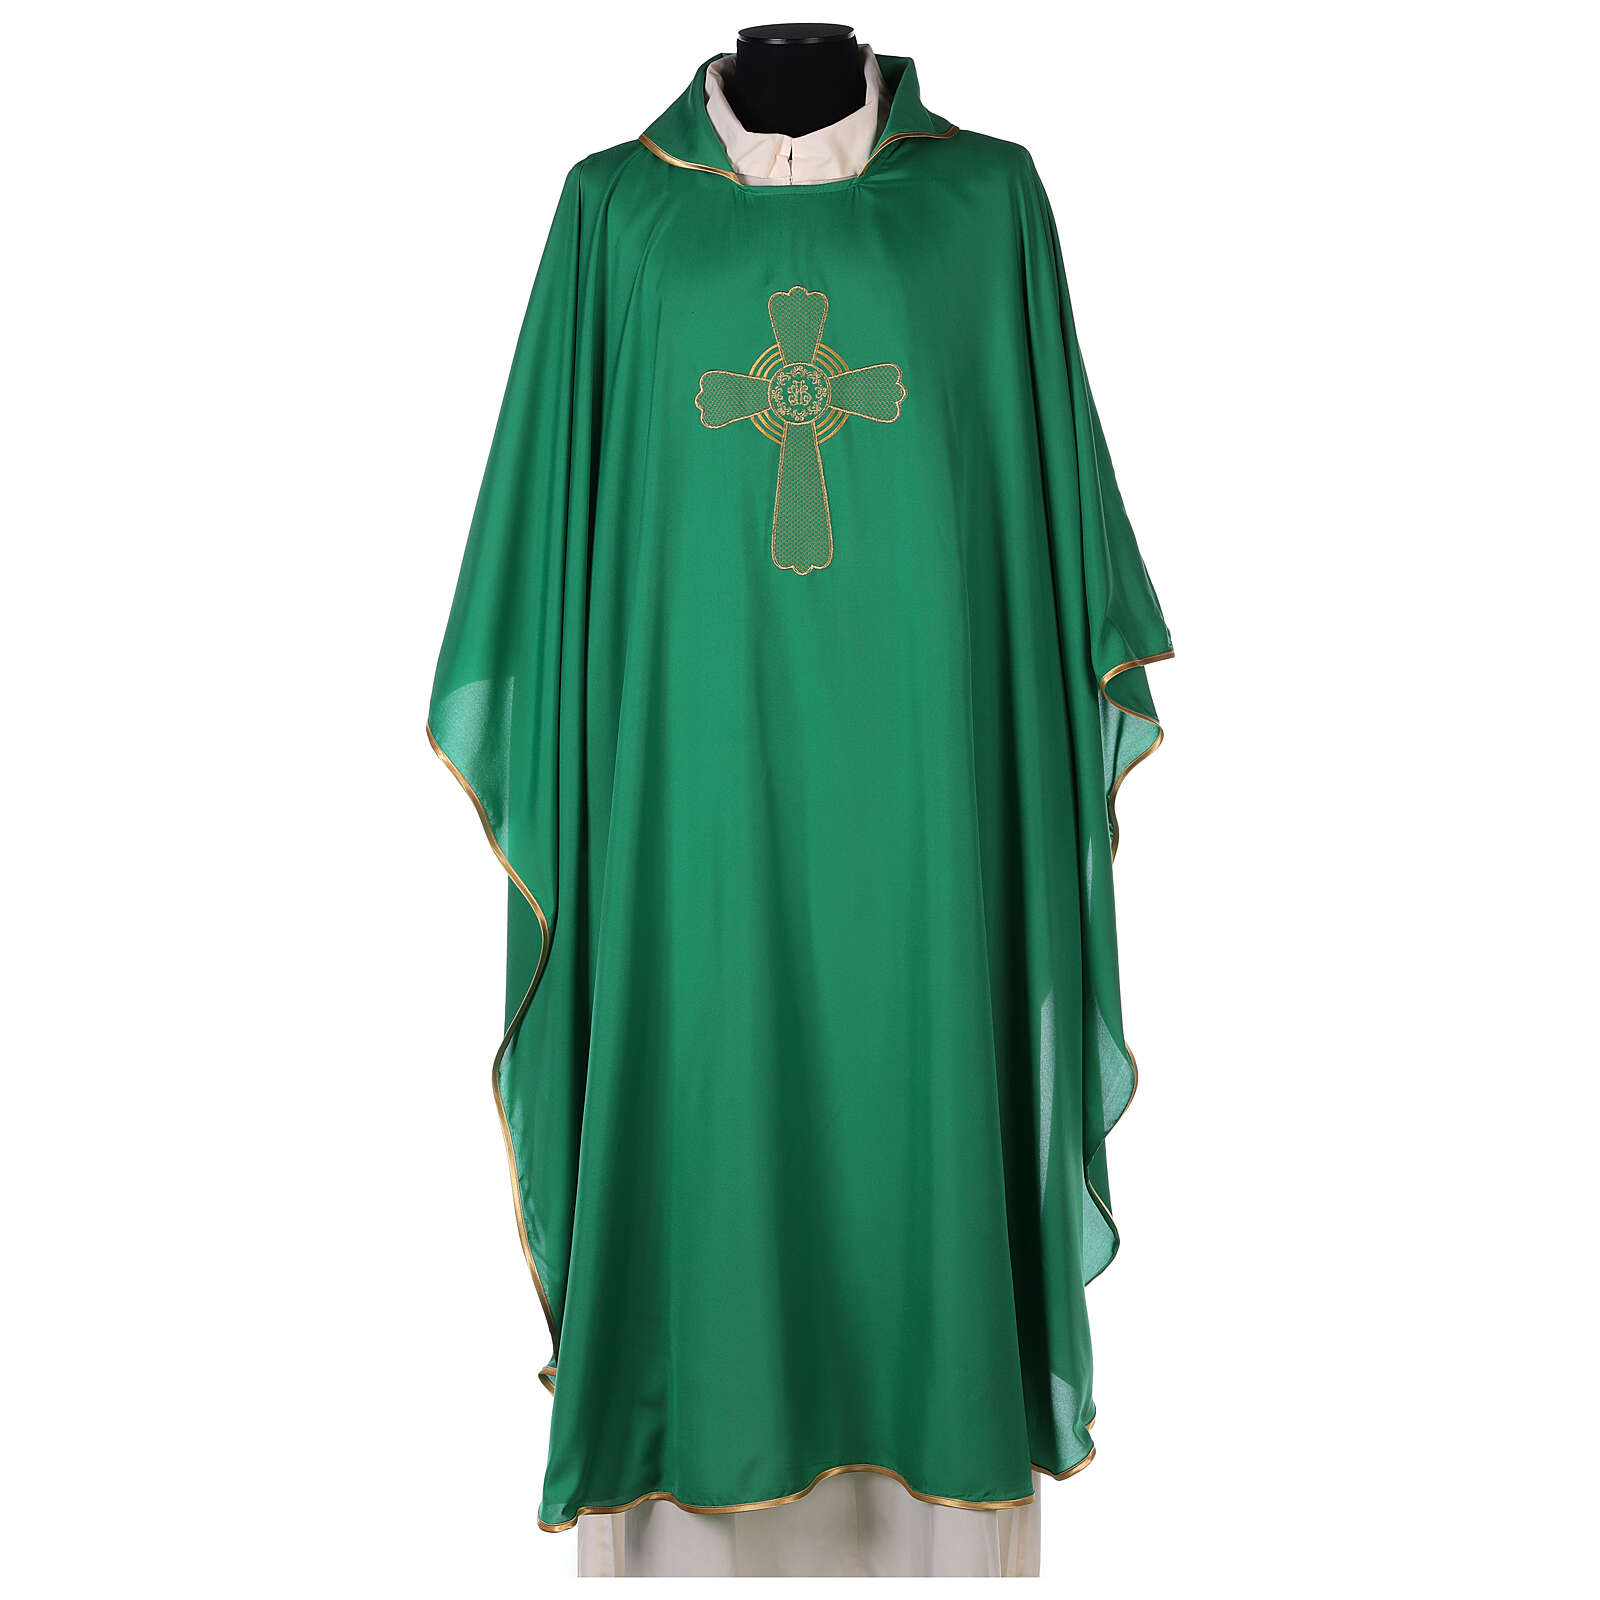 Set 4 casullas litúrgicas poliéster 4 colores bordado cruz decorada A BAJO COSTE 4